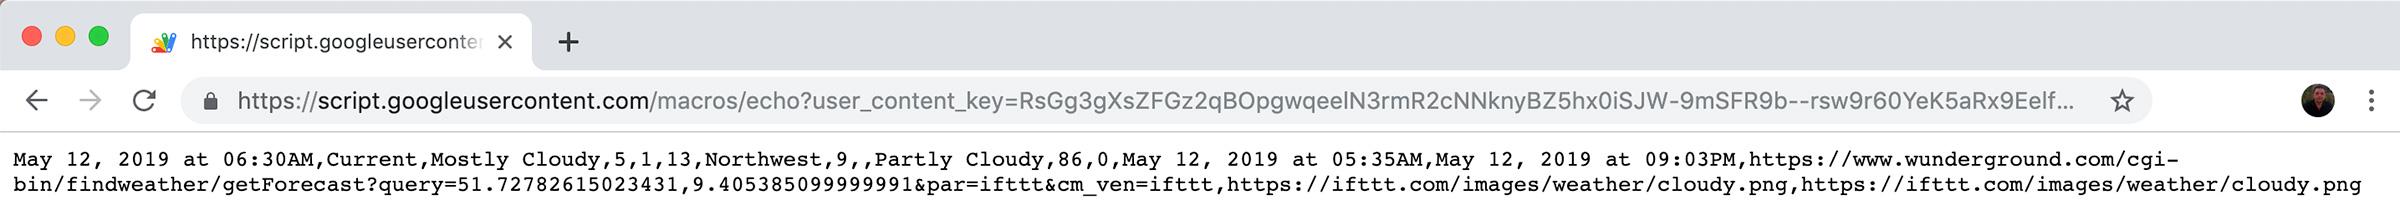 IFTTT Weather Google script output csv